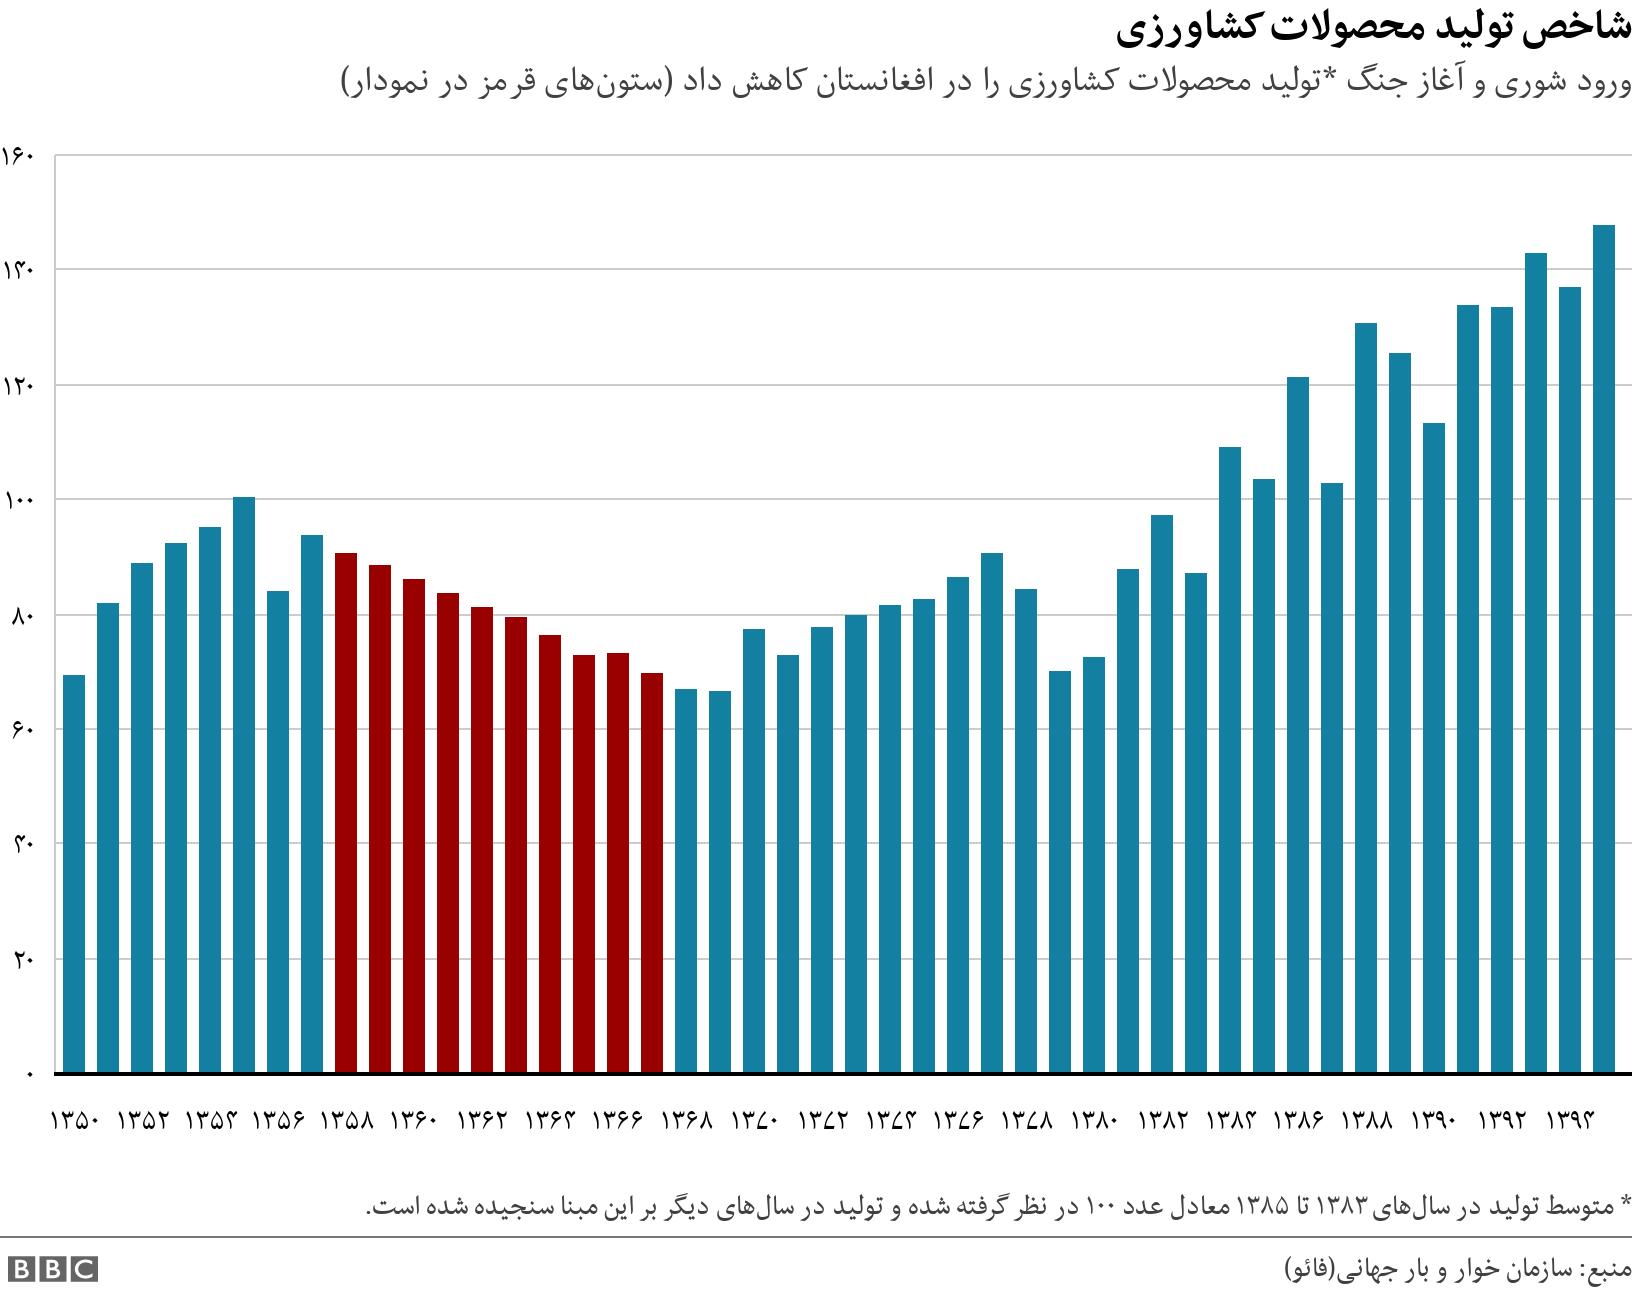 شاخص تولید محصولات کشاورزی. ورود شوری و آغاز جنگ *تولید محصولات کشاورزی را در افغانستان کاهش داد (ستونهای قرمز در نمودار).  * متوسط تولید در سالهای ۱۳۸۳ تا ۱۳۸۵ معادل عدد ۱۰۰ در نظر گرفته شده و تولید در سالهای دیگر بر این مبنا سنجیده شده است..